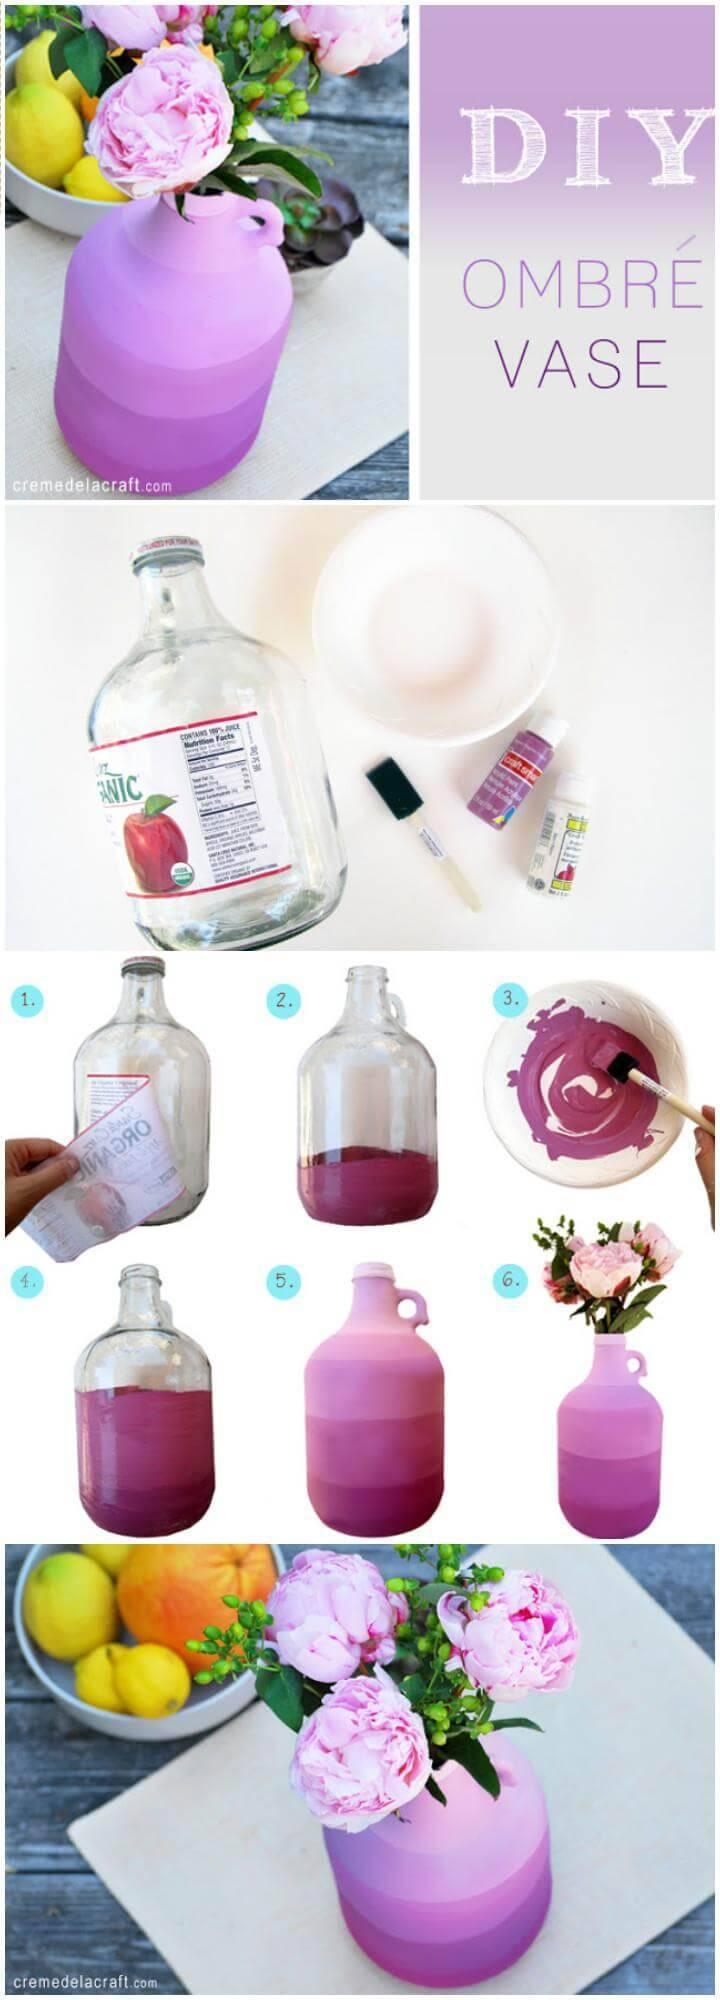 DIY painted old jug into vase